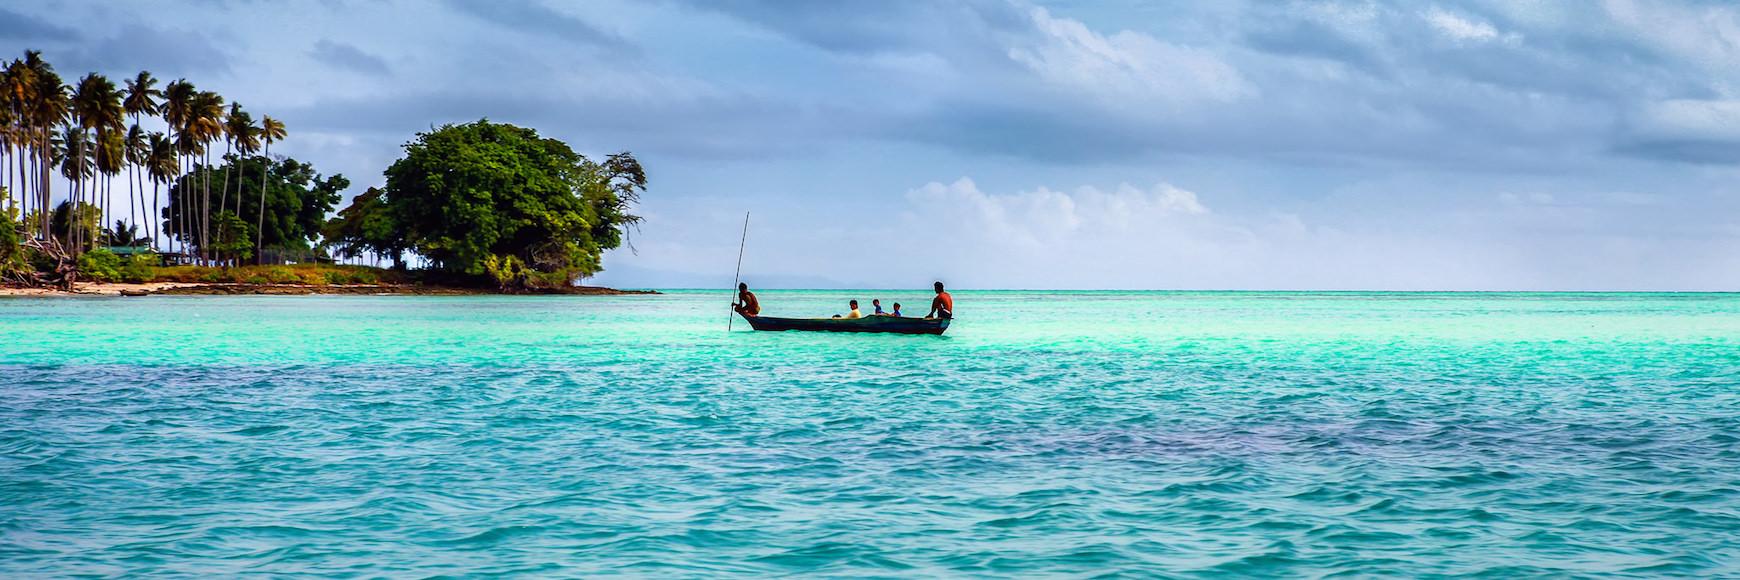 Location catamaran Malaisie